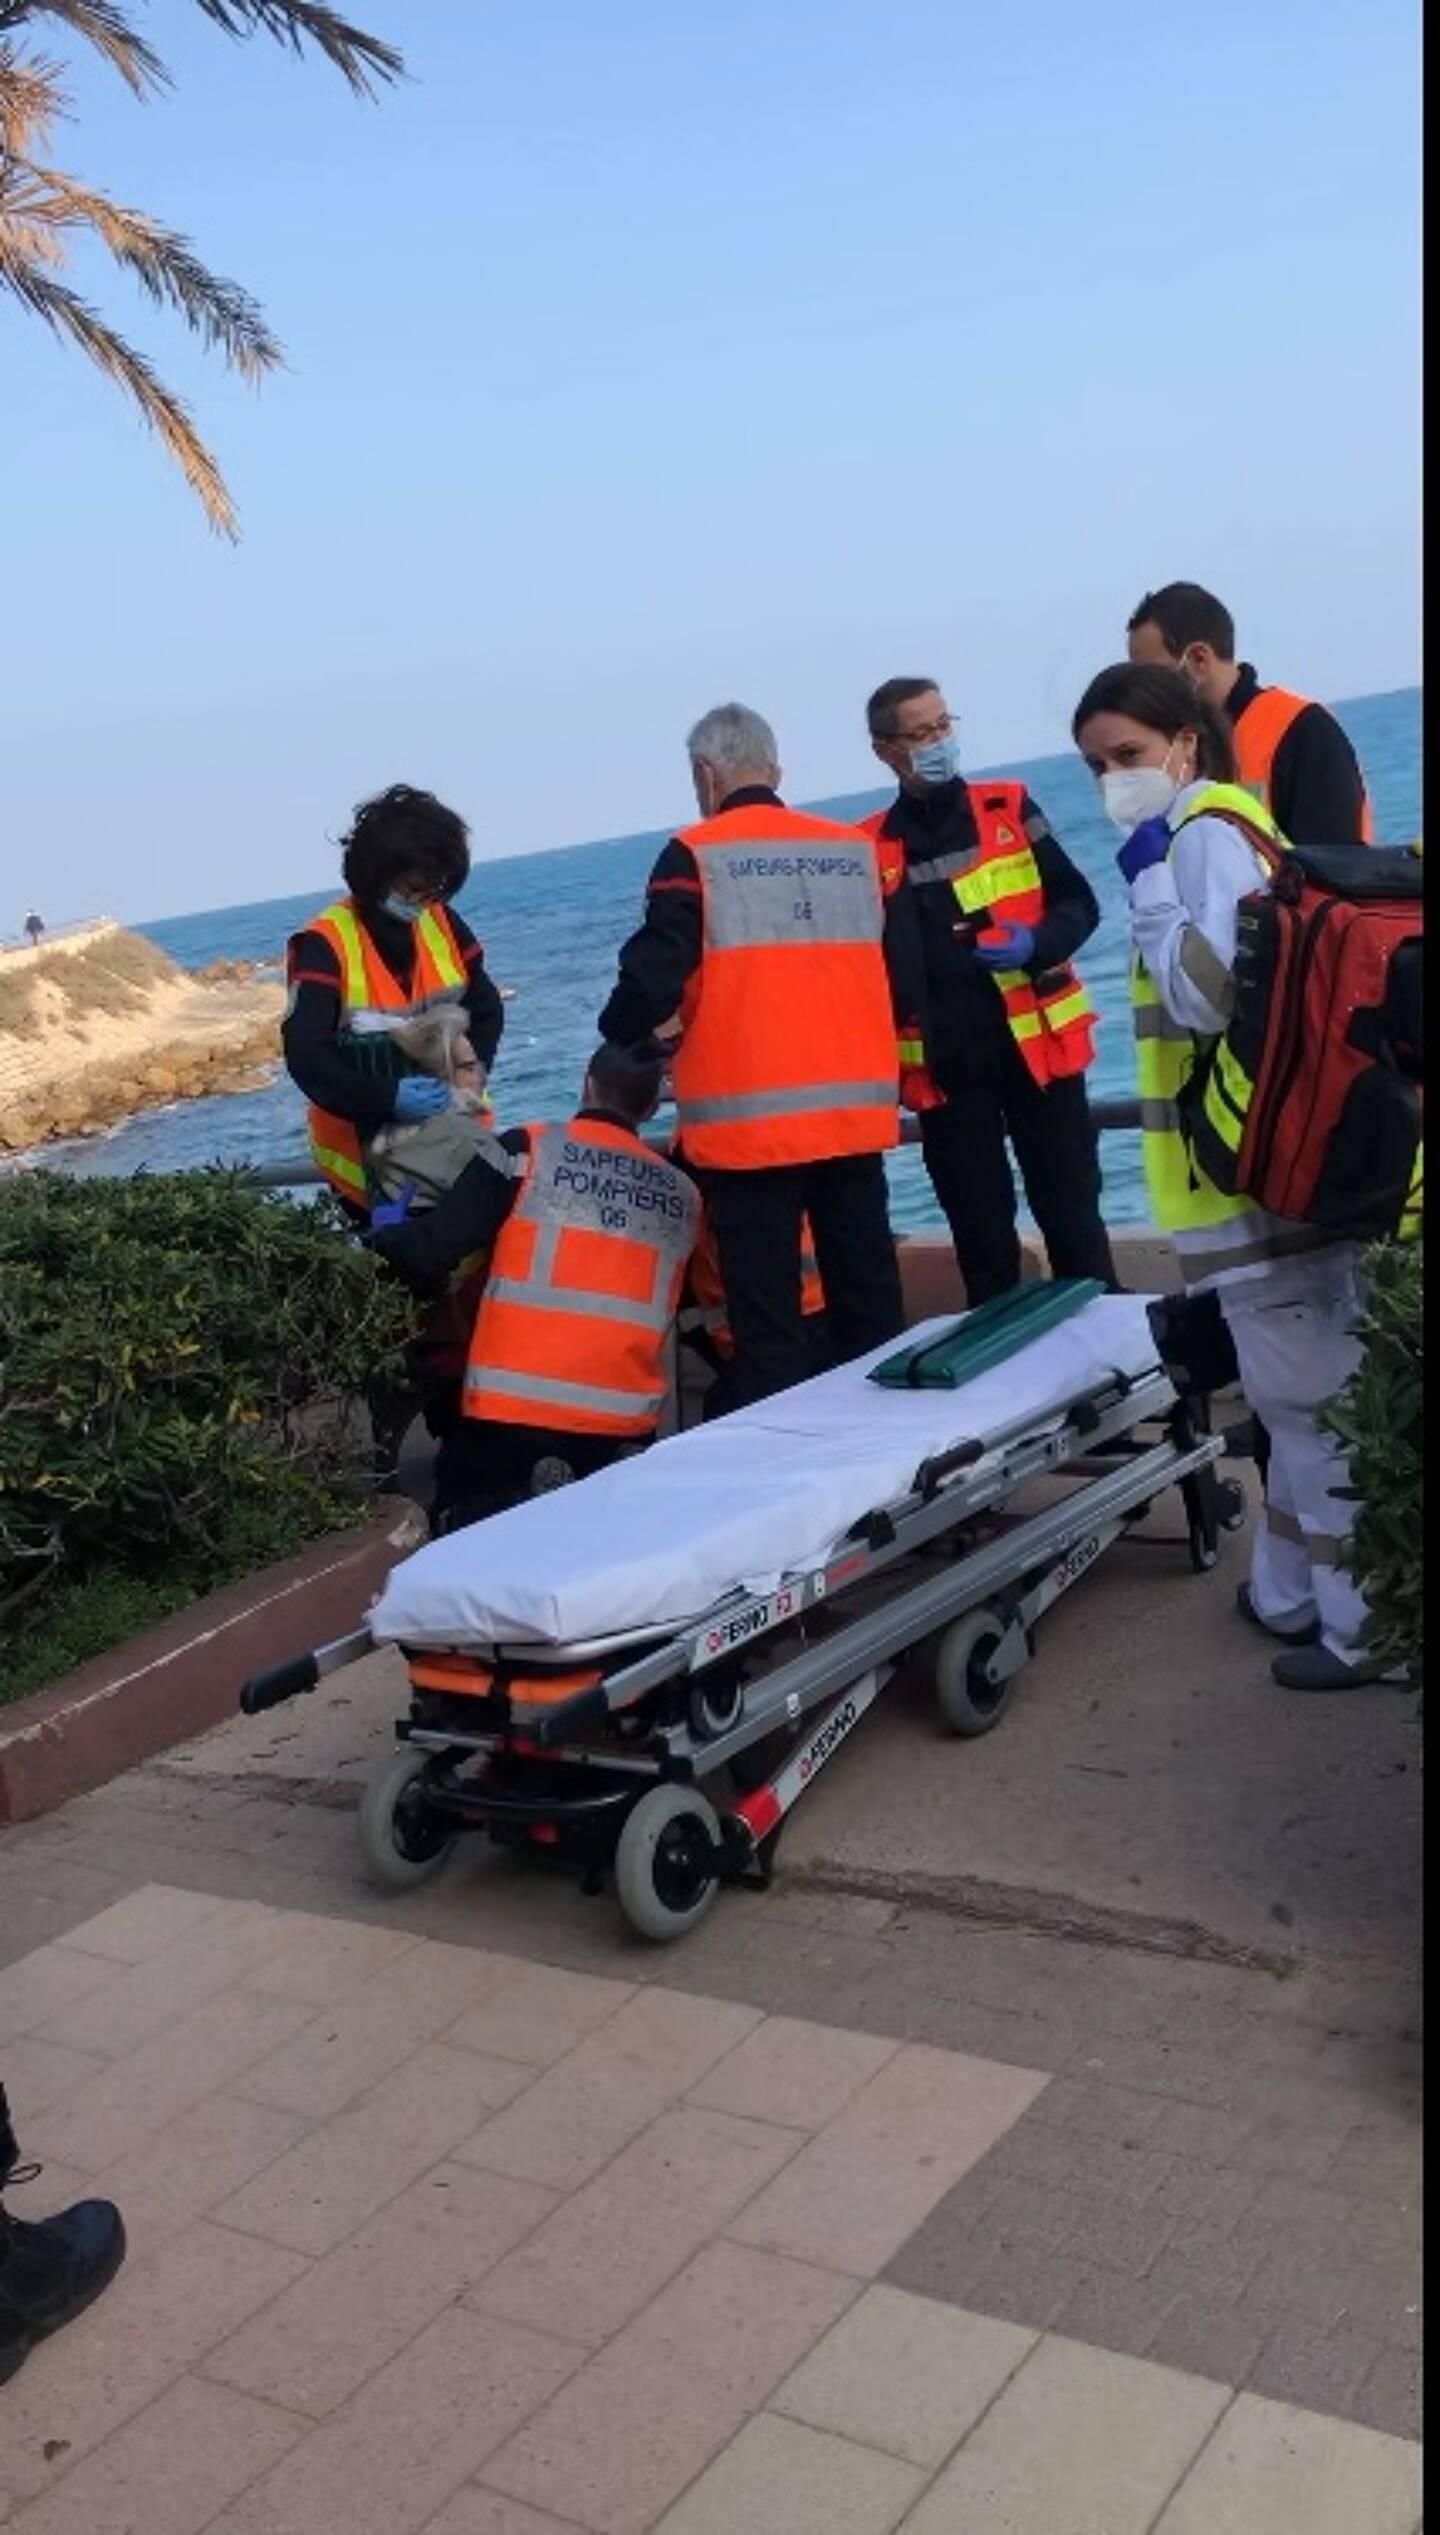 La victime a été évacué vers l'hôpital Pasteur de Nice.